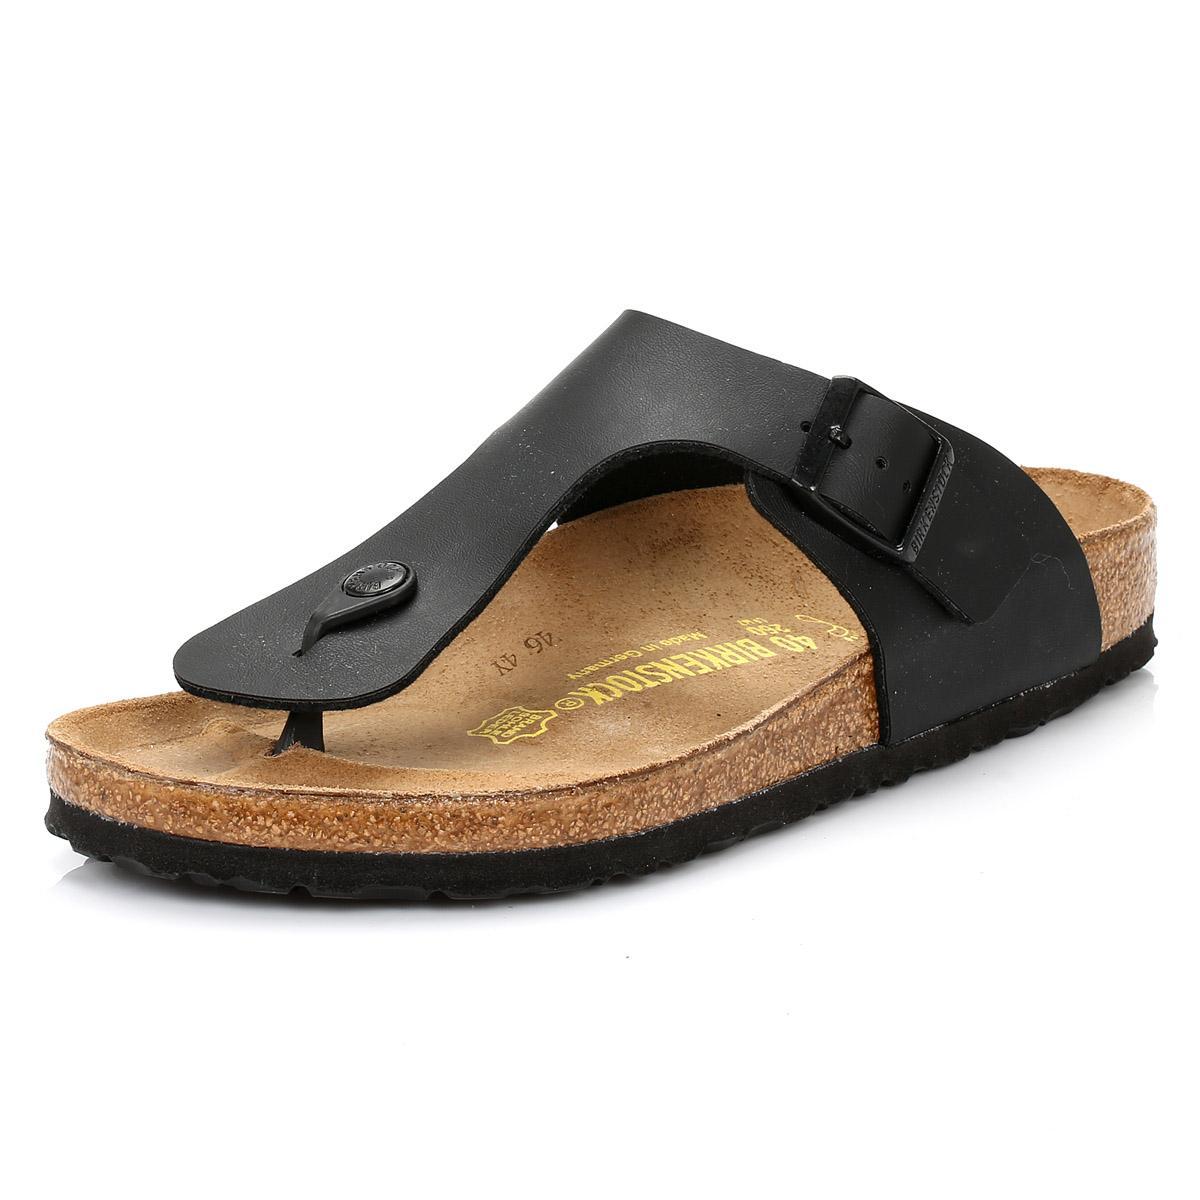 c9a455617d17 Birkenstock - Ramses Birko-flor Mens Black Sandals - Lyst. View fullscreen